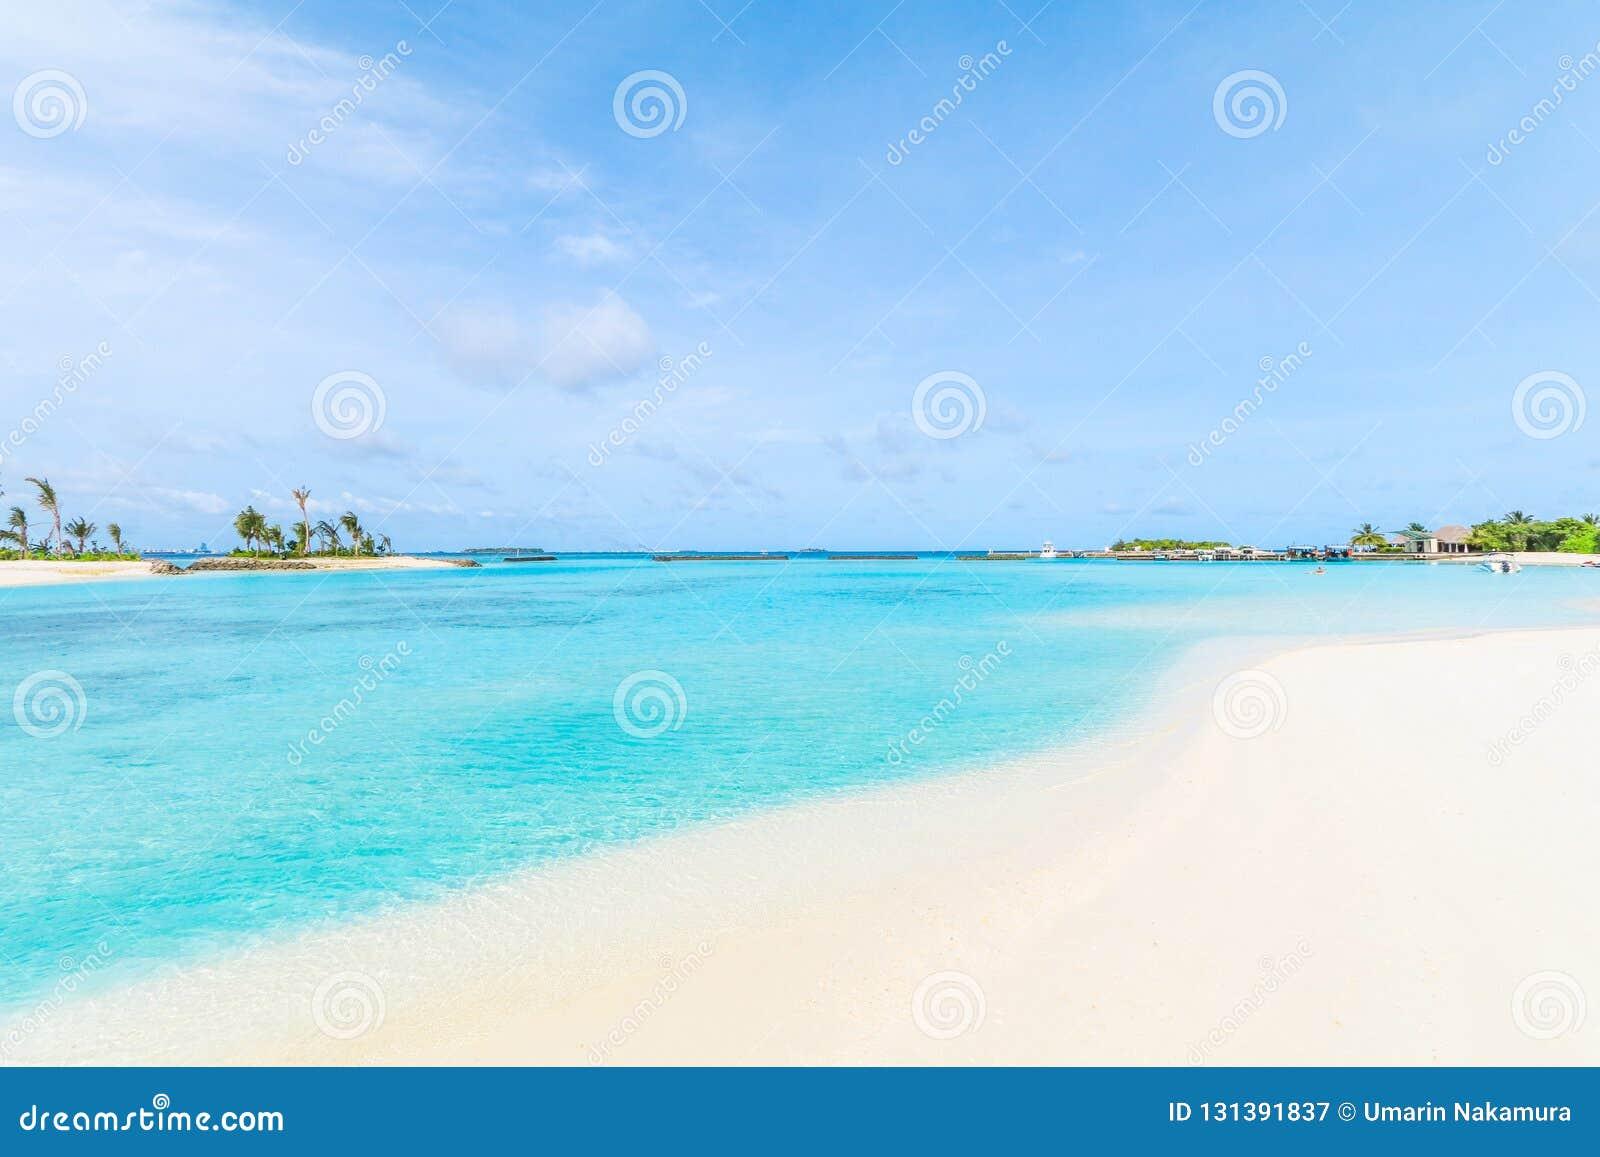 Verbazend eiland in de Maldiven, de Mooie turkooise wateren en het witte zandige strand met blauwe hemelachtergrond